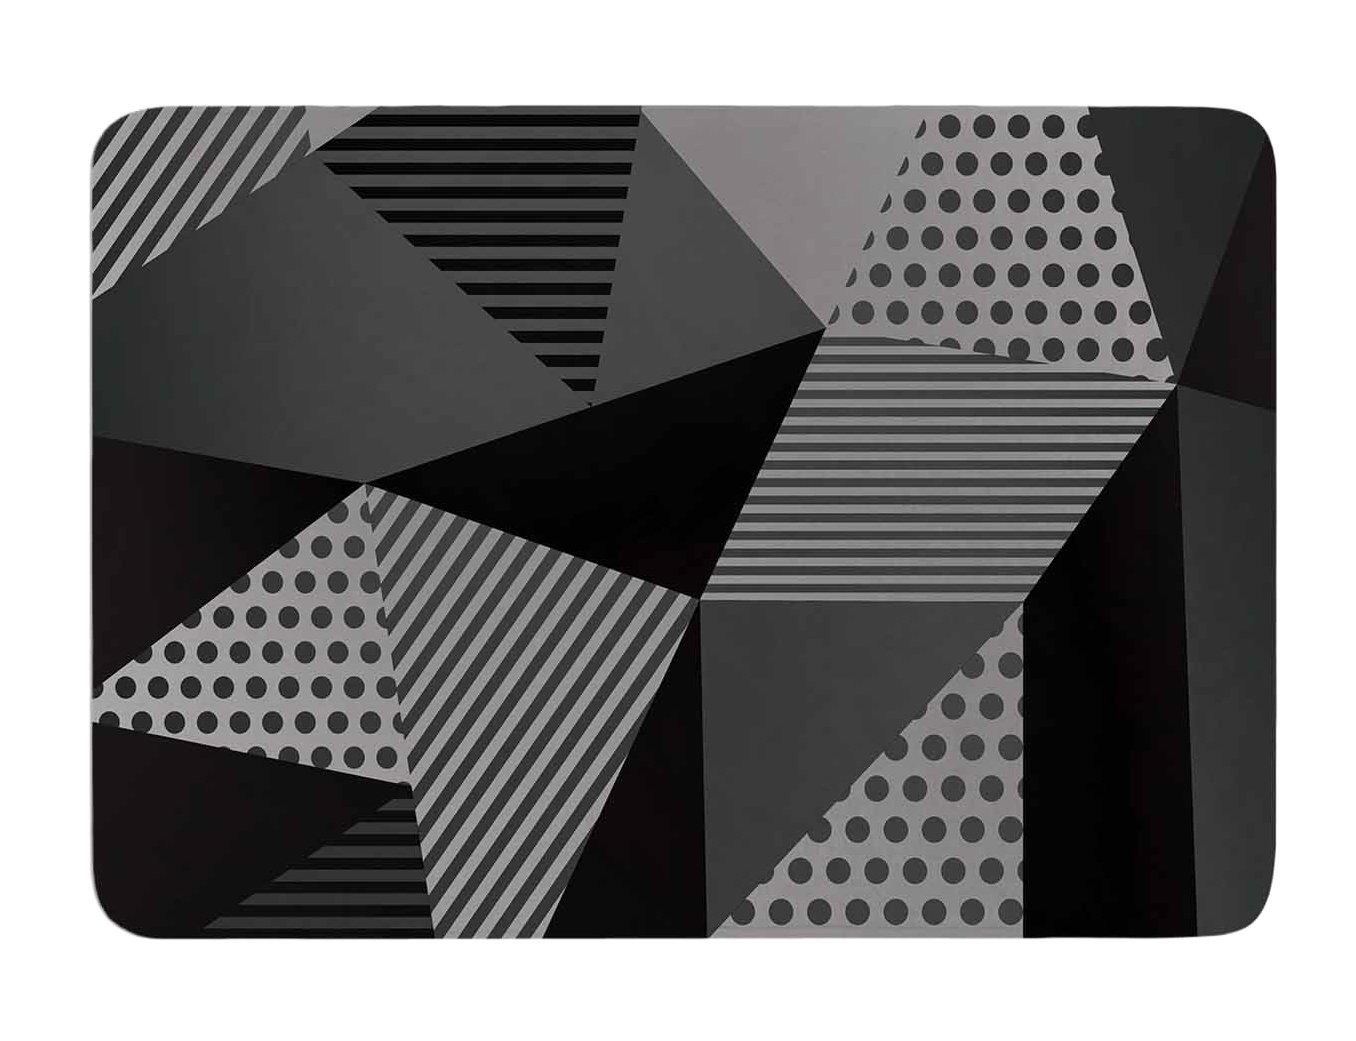 Kess InHouse Louise Machado Gray Pallete Black Gray Memory Foam Bath Mat, 17 by 24-Inch, 17' X 24'